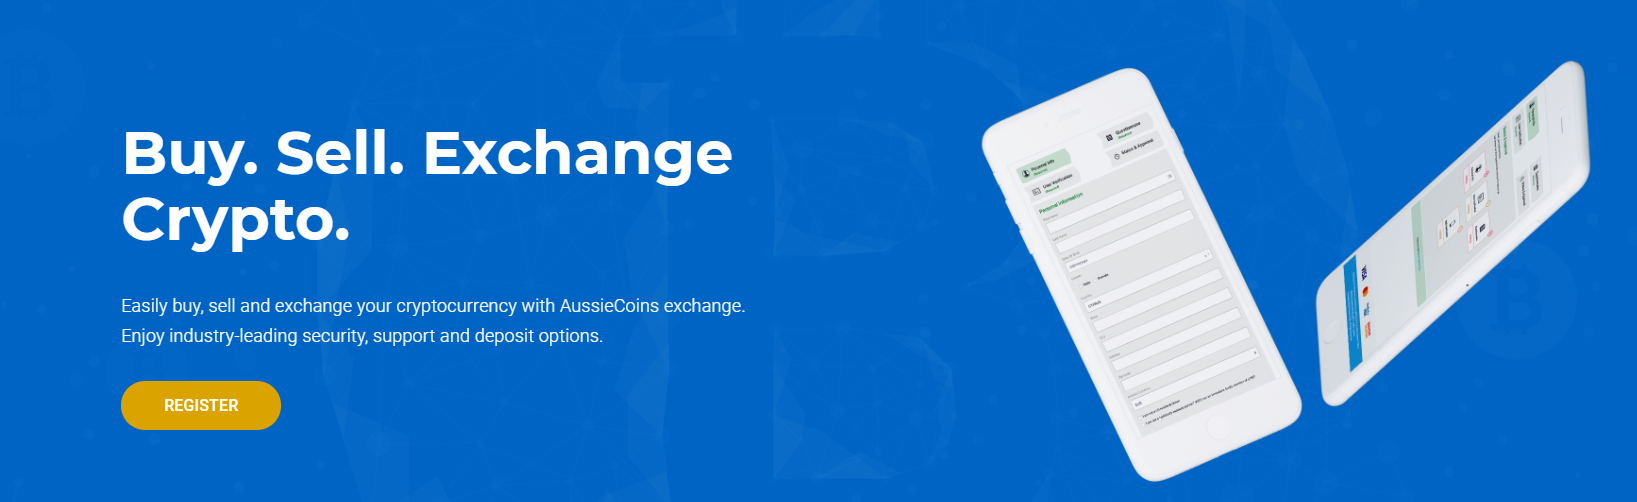 AussieCoins exchange